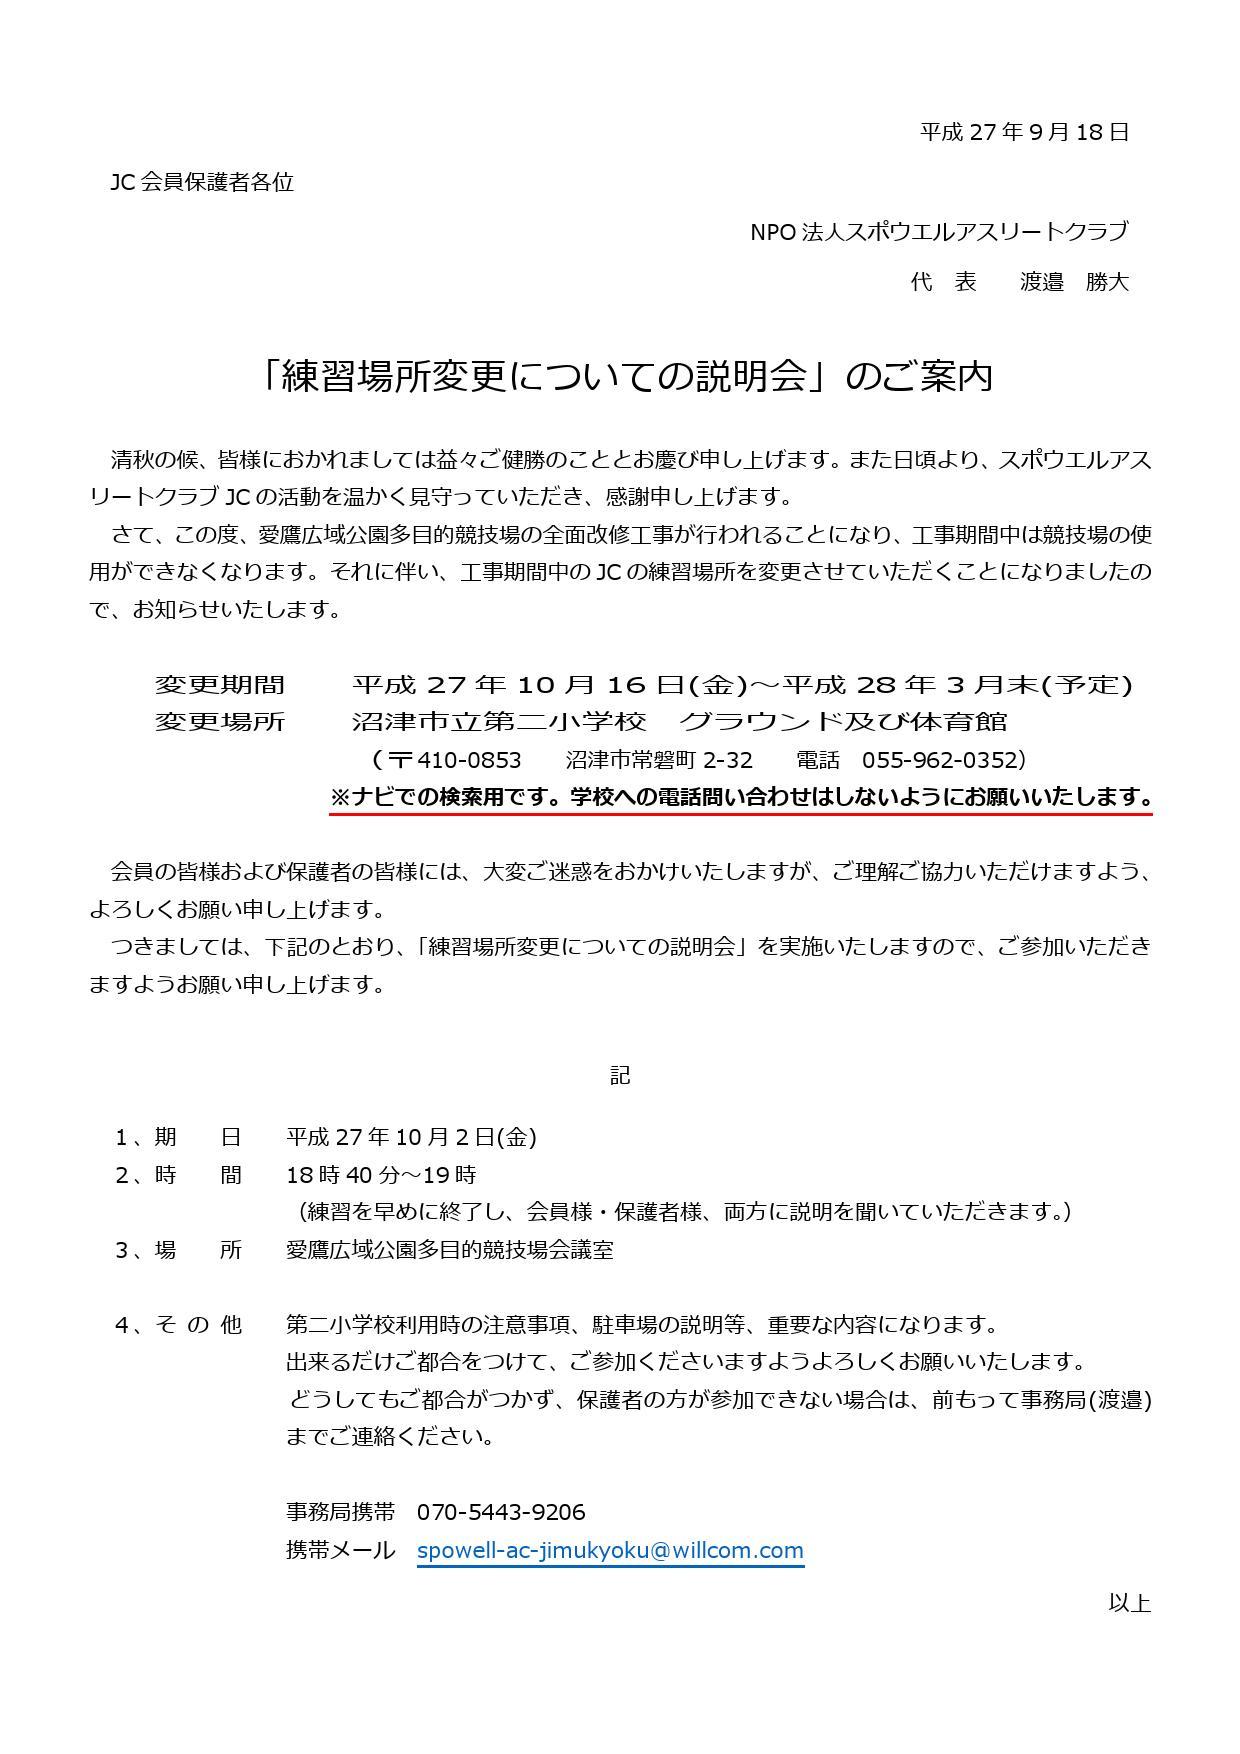 20150928jc-dainisyo1